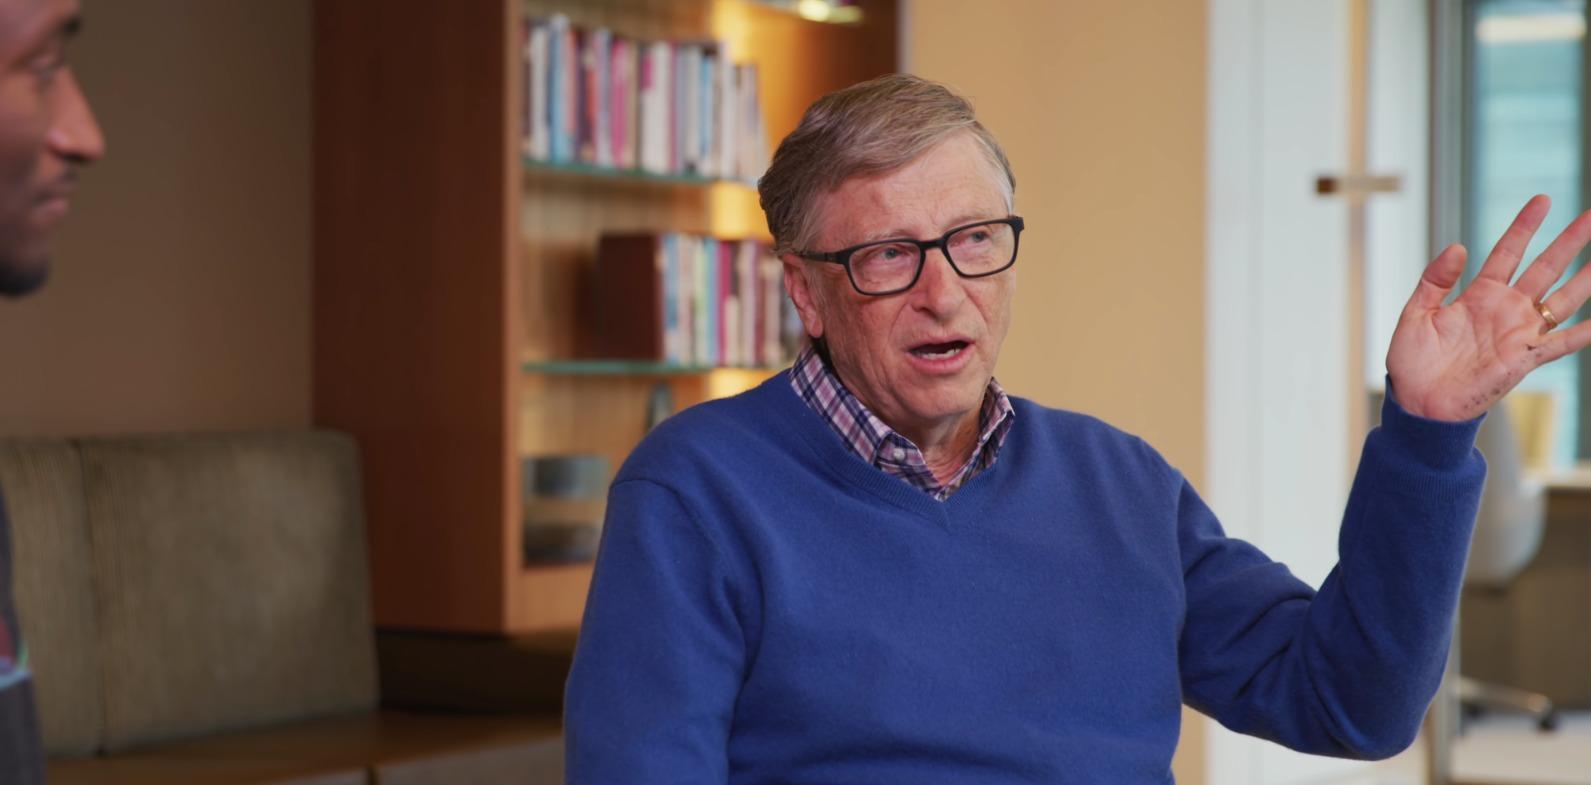 El ahora ex miembro de la mesa directiva de Microsoft ha preparado un plan para enfrentar la pandemia del coronavirus en el mundo.